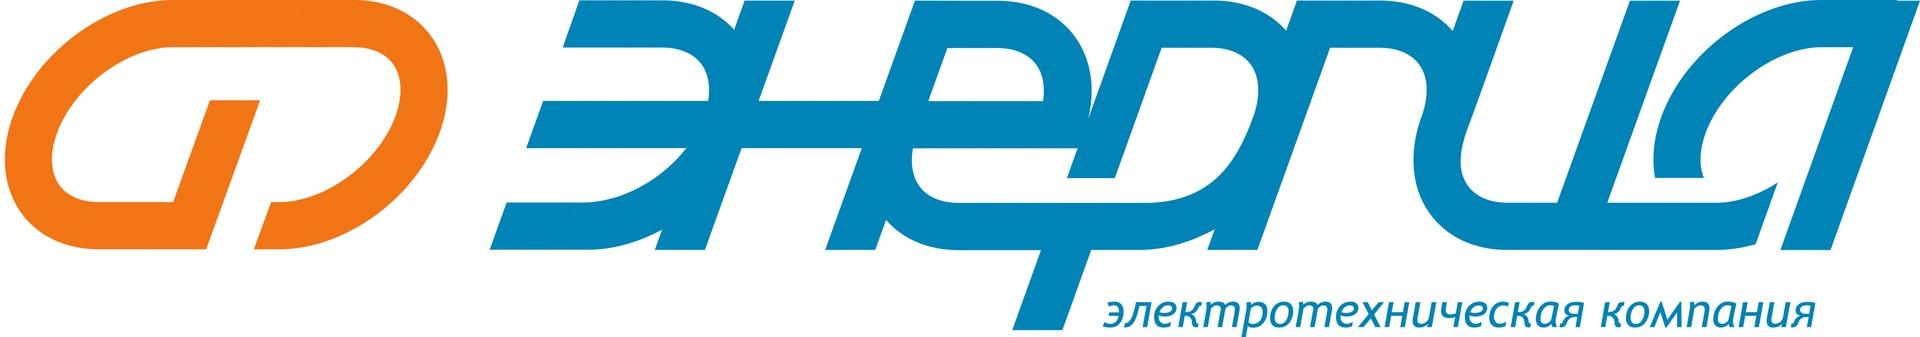 Электротехническая компания 21 век москва сайт тепловая компания новомосковск официальный сайт